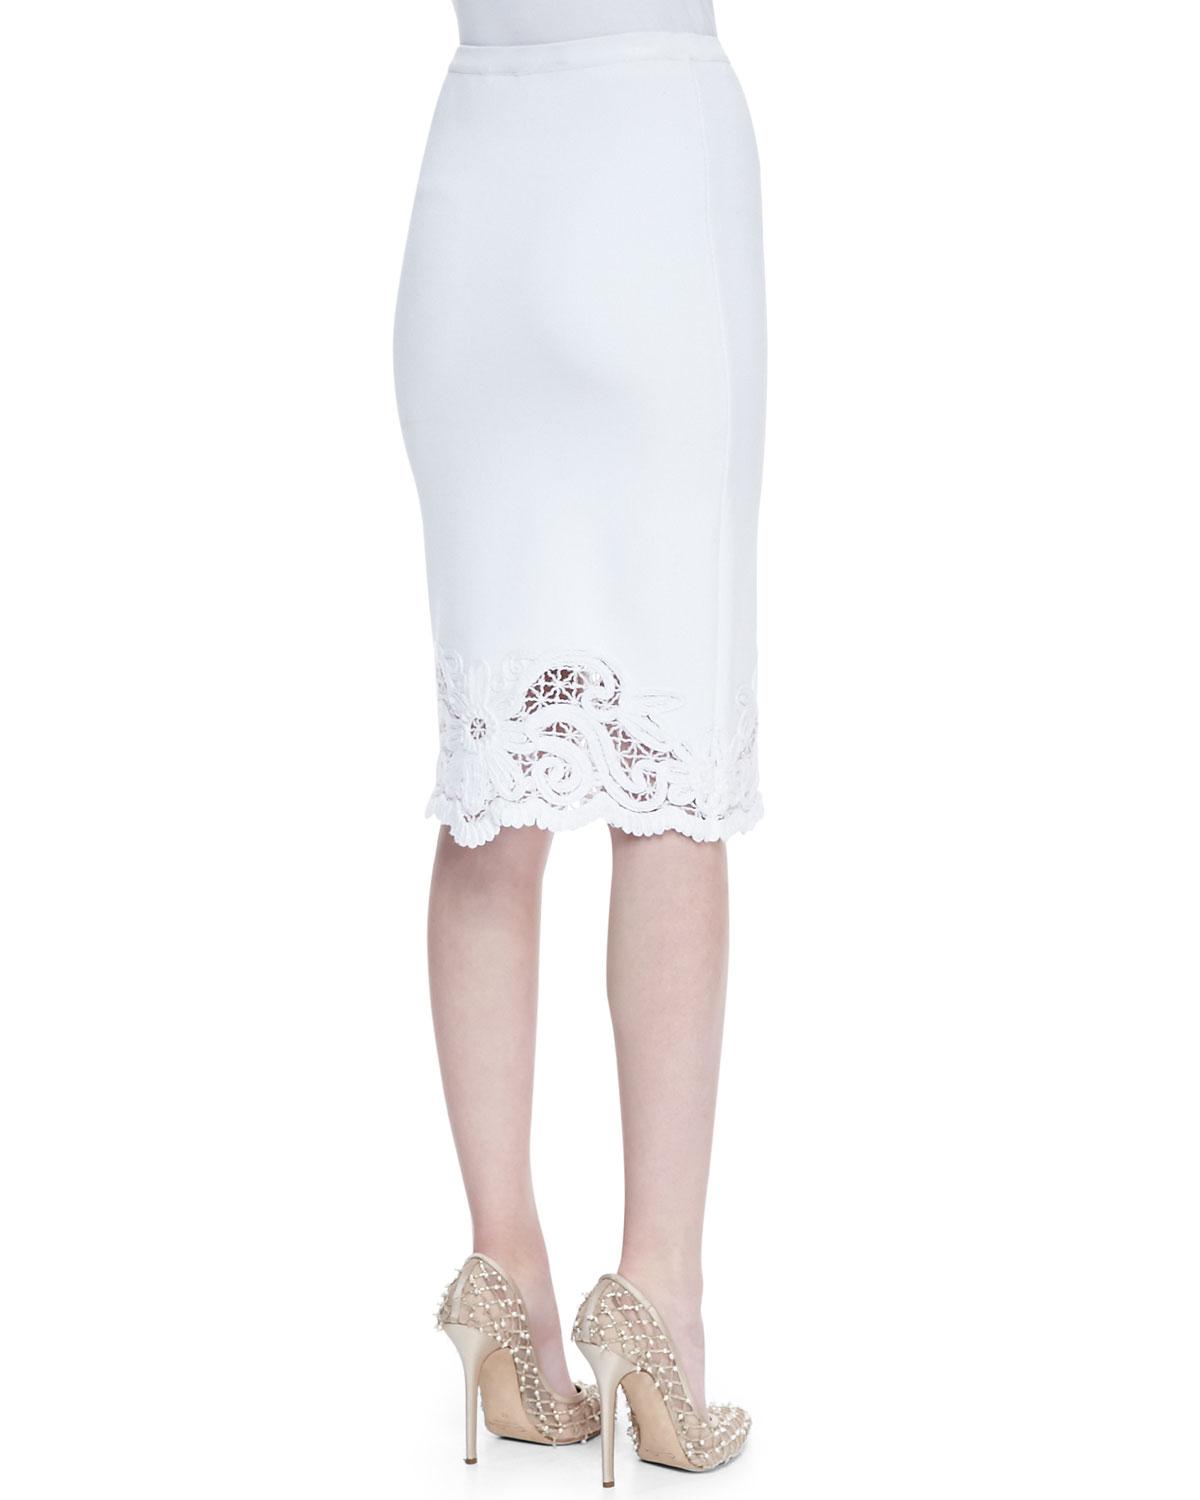 Oscar de la renta Crochet Trim Cotton Knit Skirt White in White | Lyst